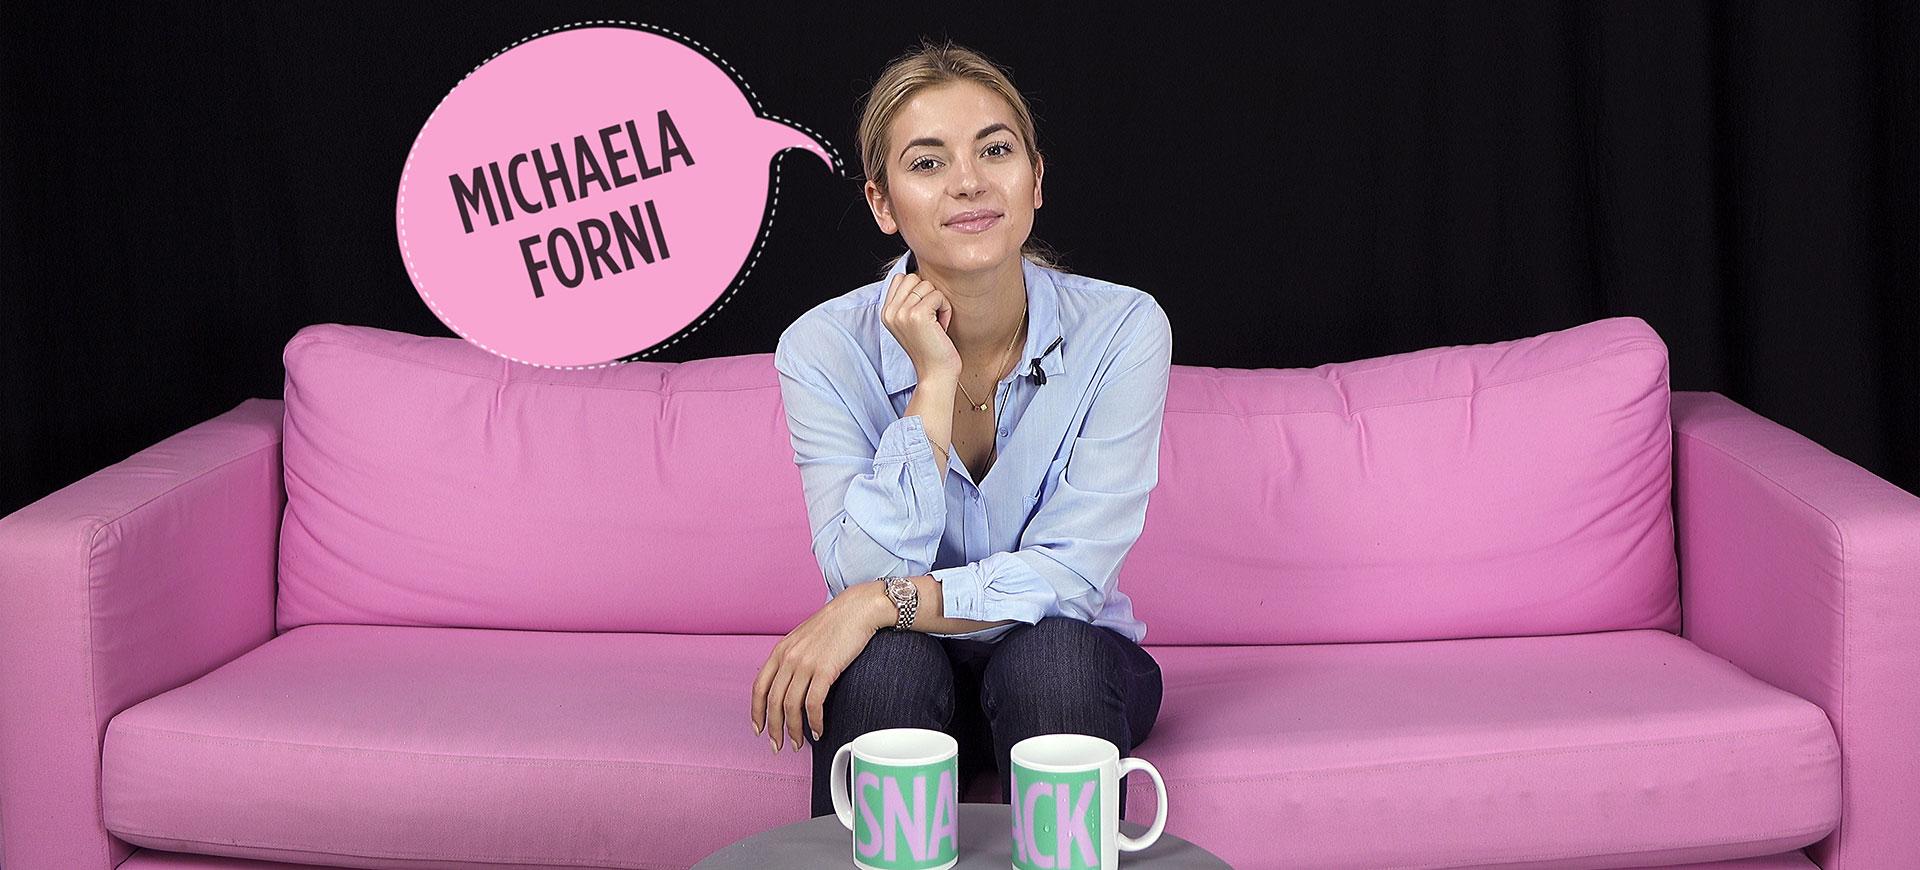 """Intervju med Michaela Forni: """"Jag är inte perfekt"""""""